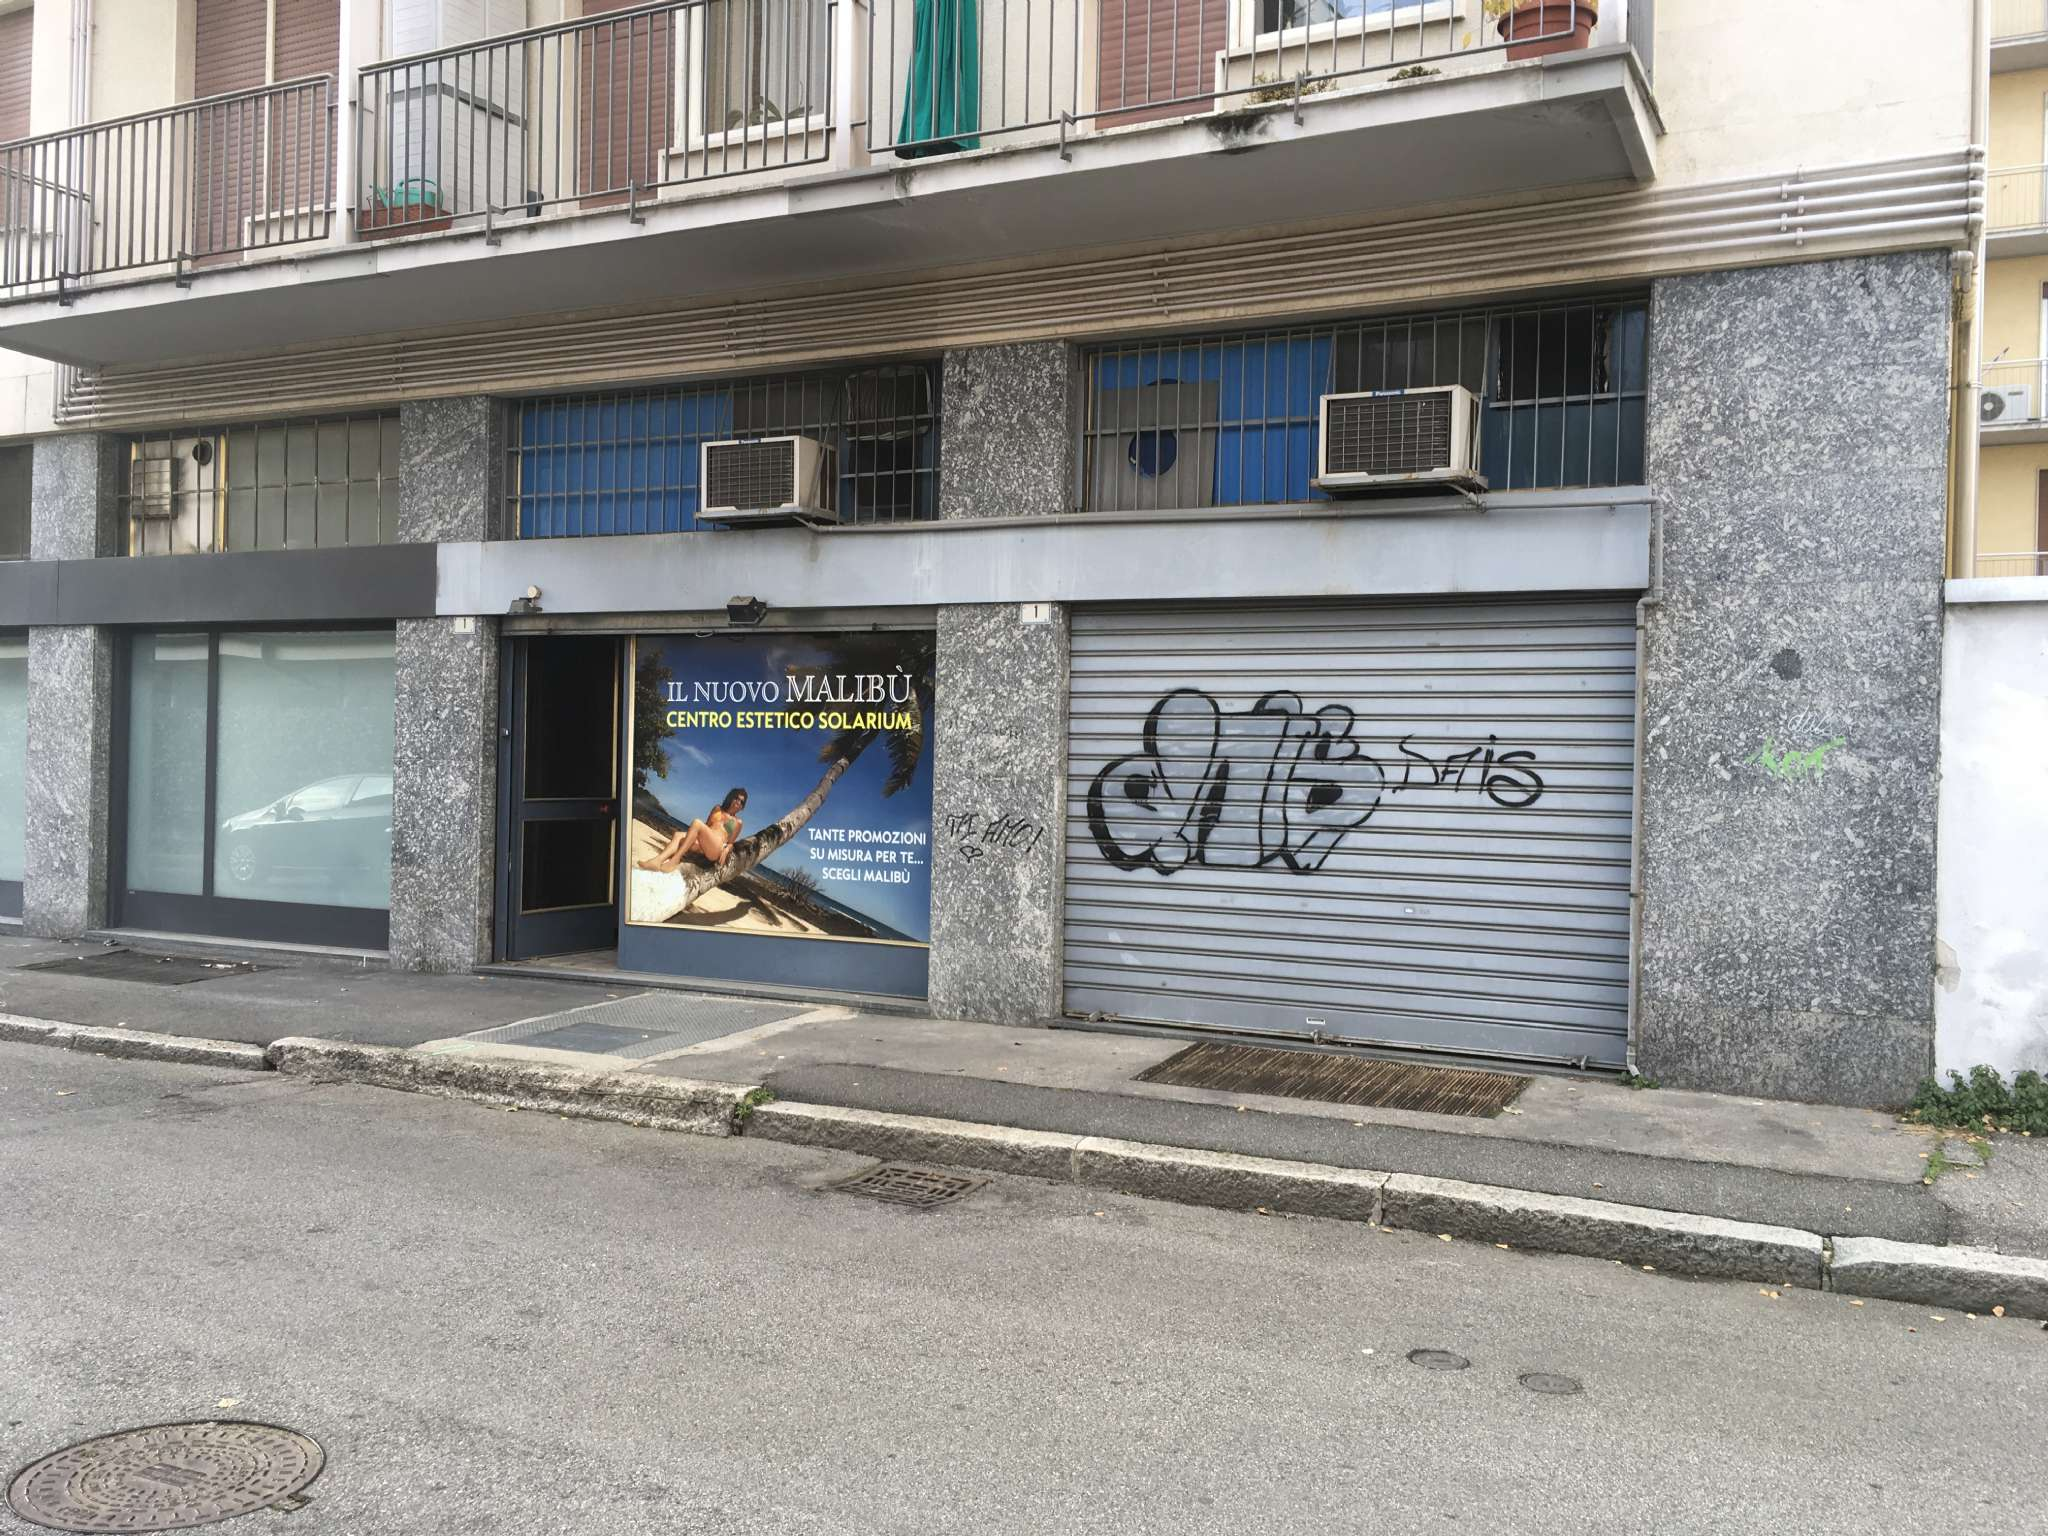 Negozio / Locale in affitto a Busto Arsizio, 1 locali, prezzo € 500 | CambioCasa.it